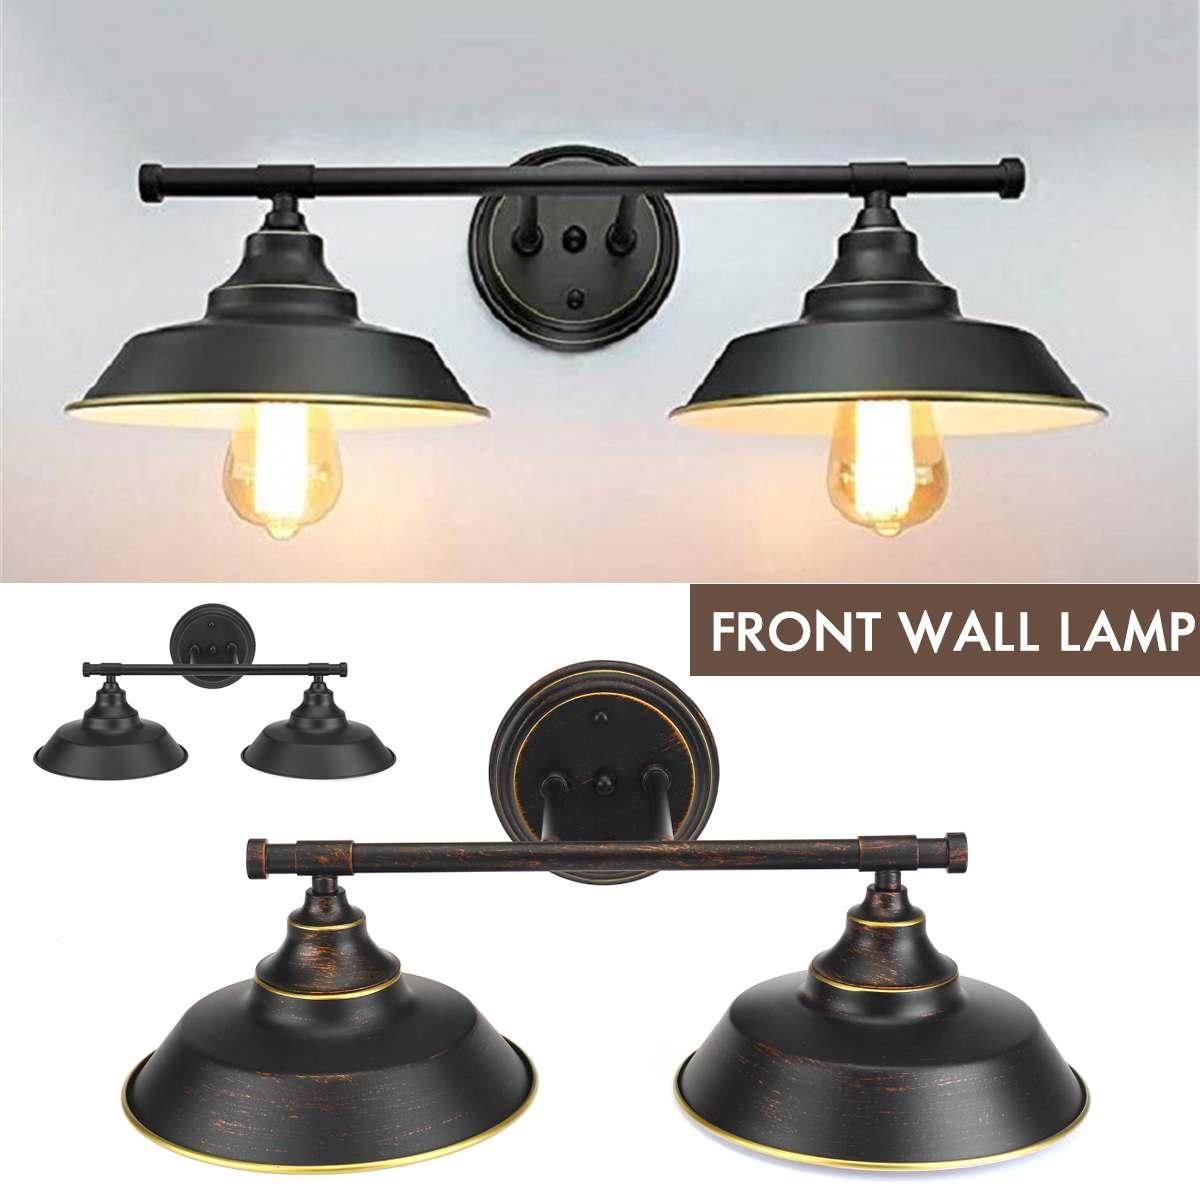 مصباح جداري LED عتيق ، E26/E27 ، عتيق ، حديد صناعي ، حامل إضاءة داخلي ، مصباح حائط لغرفة المعيشة ، غرفة النوم ، بجانب السرير